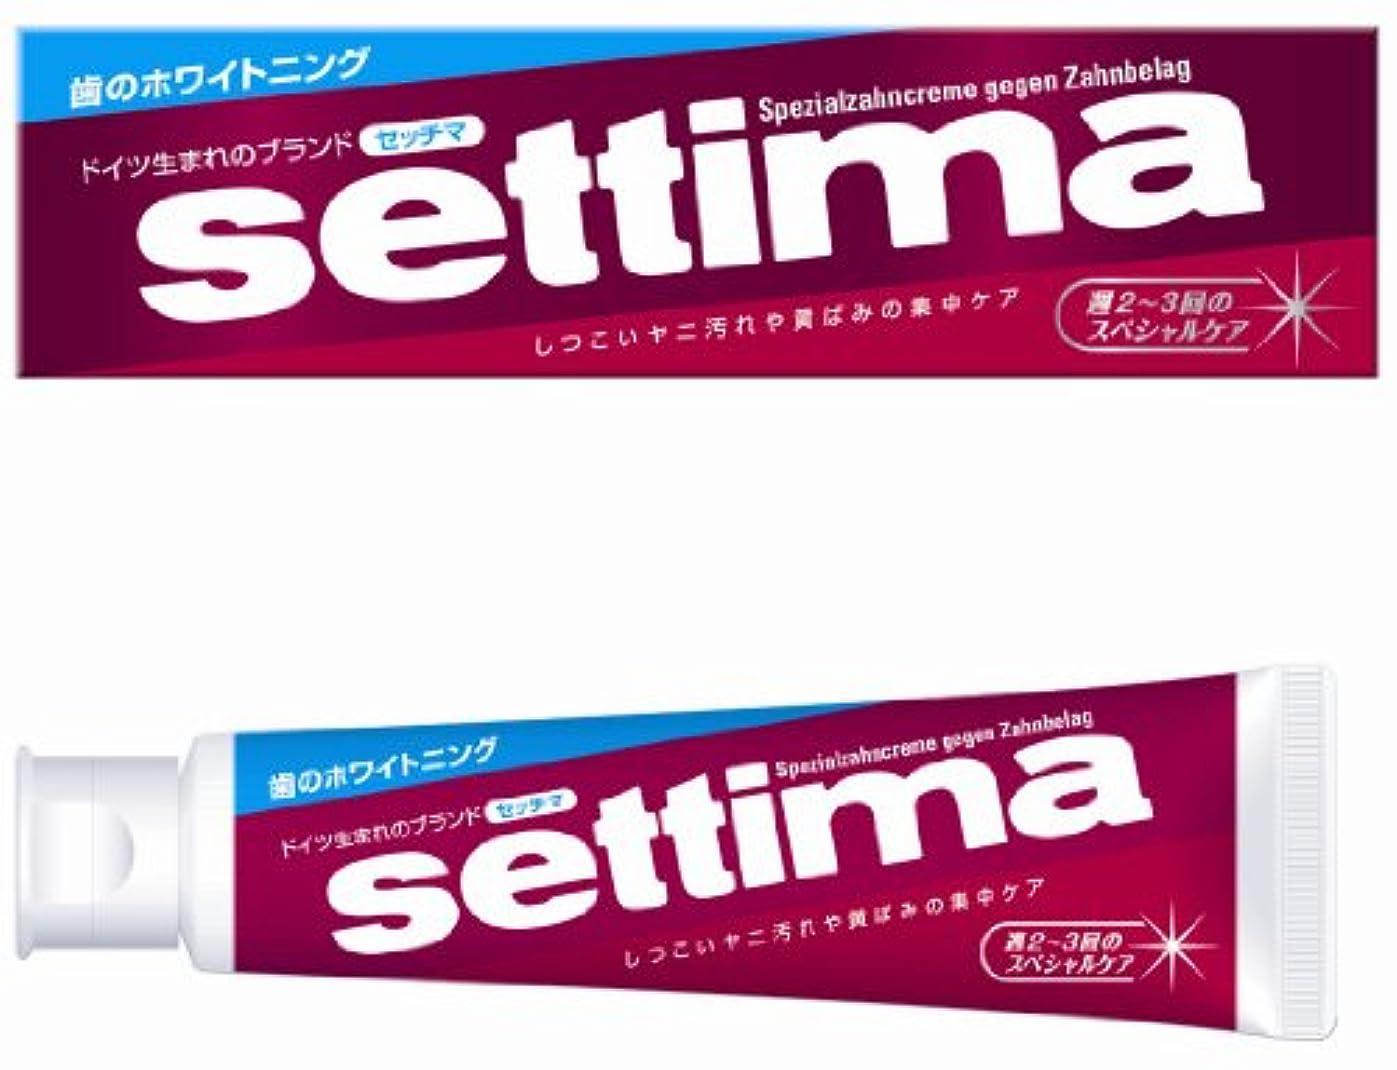 月曜日評価可能サージsettima(セッチマ) はみがき スペシャル (箱タイプ) 120g